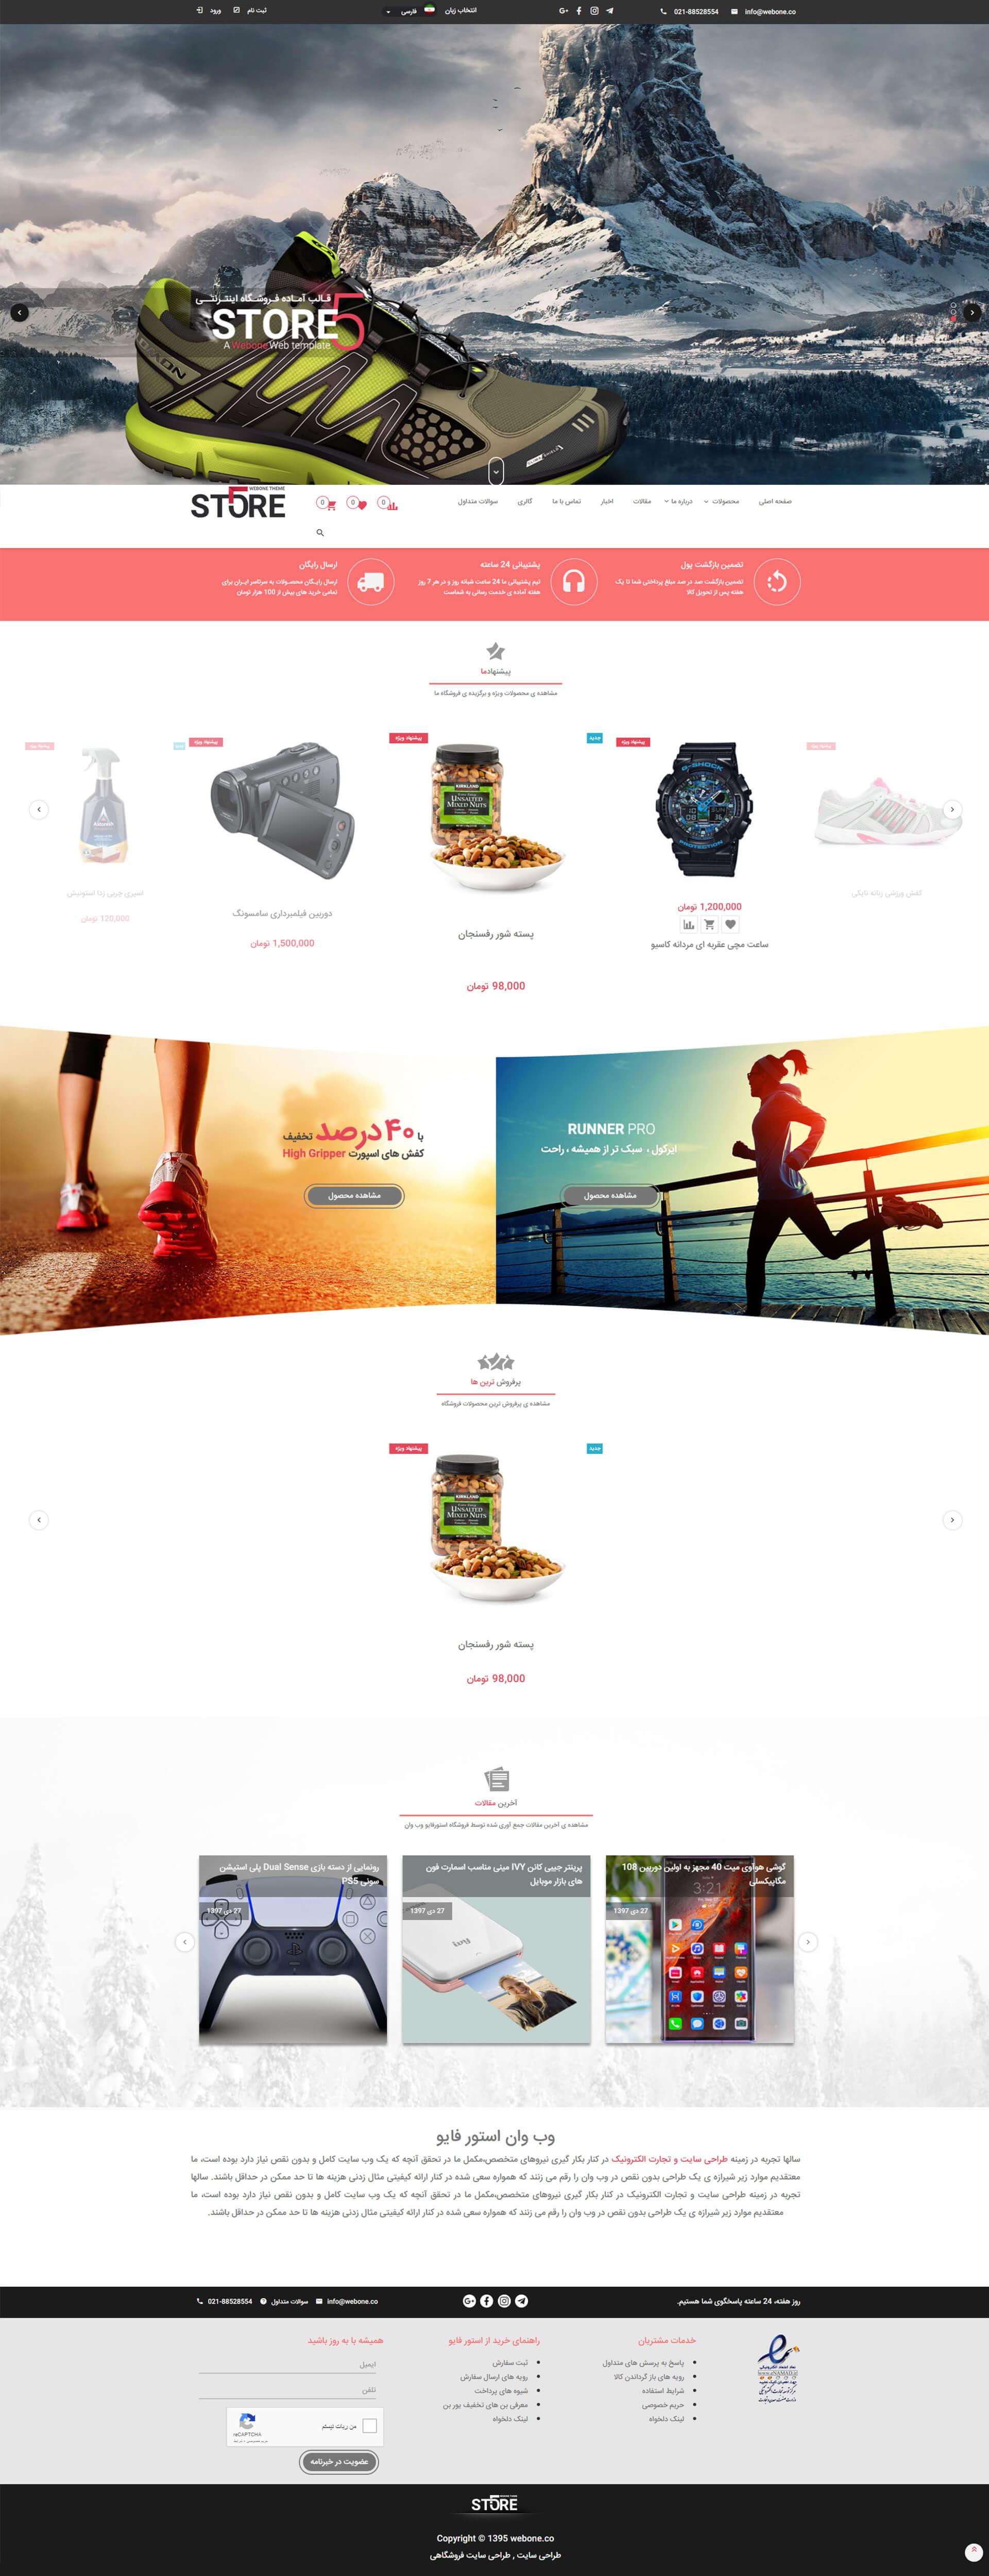 سایت فروشگاهی کد 5091